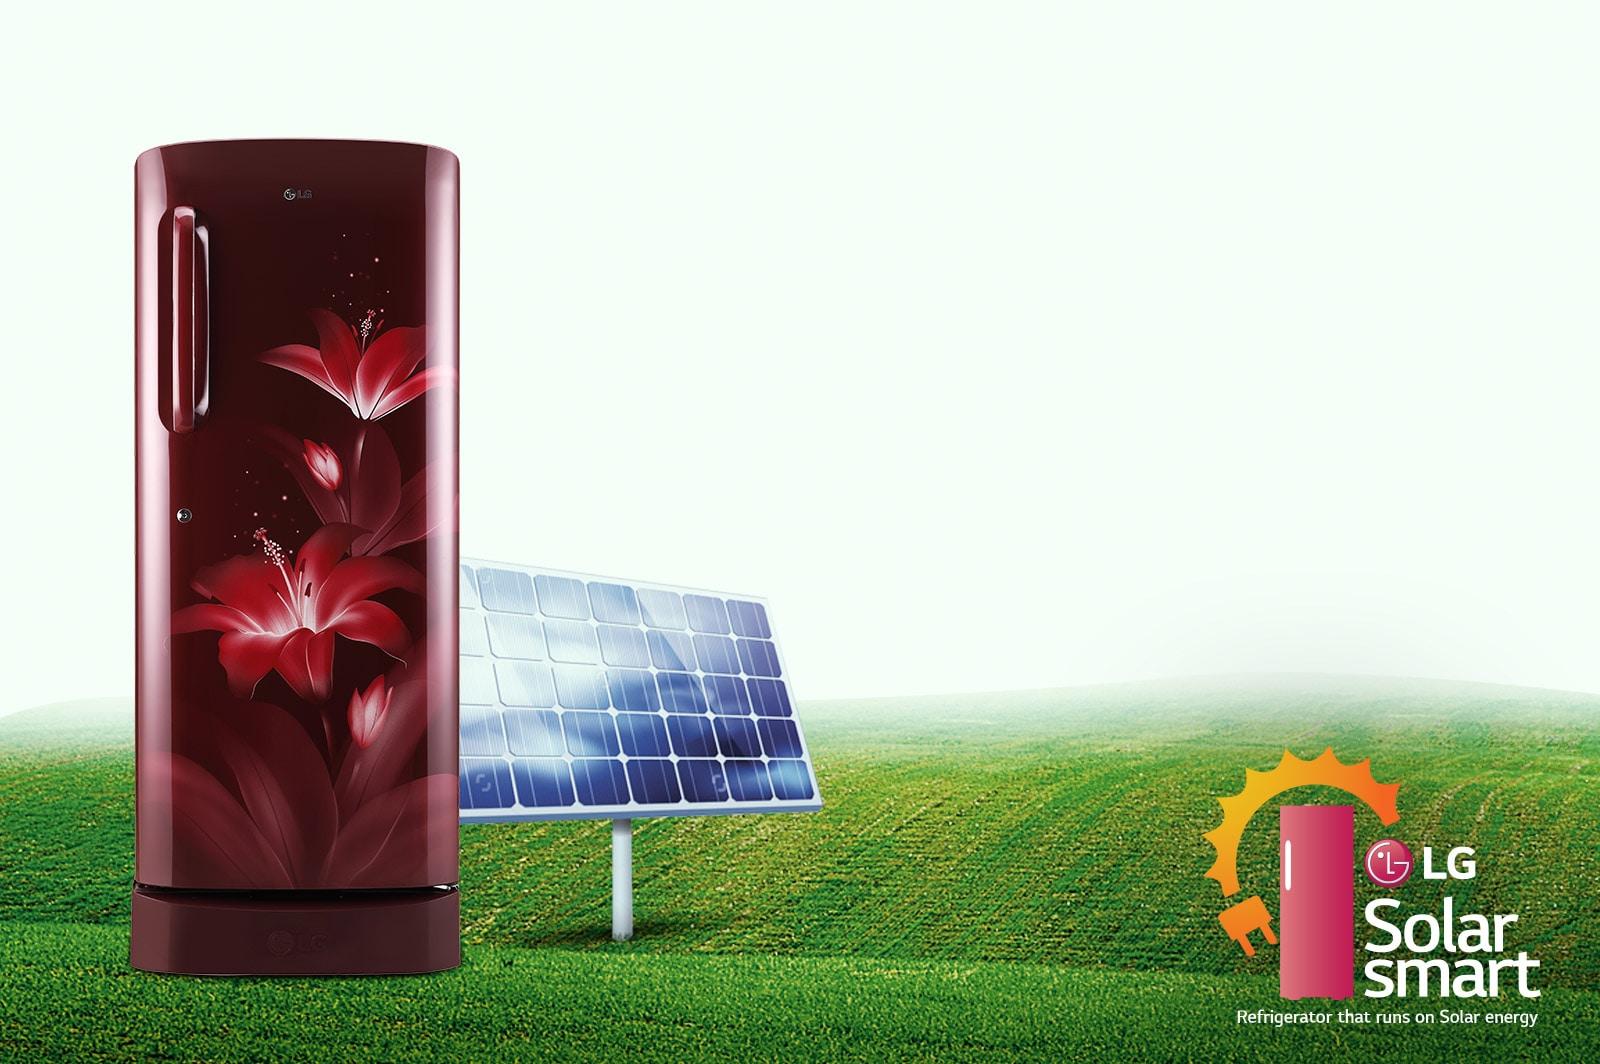 LG  GL-D191KSDX 188 ltr solar smart